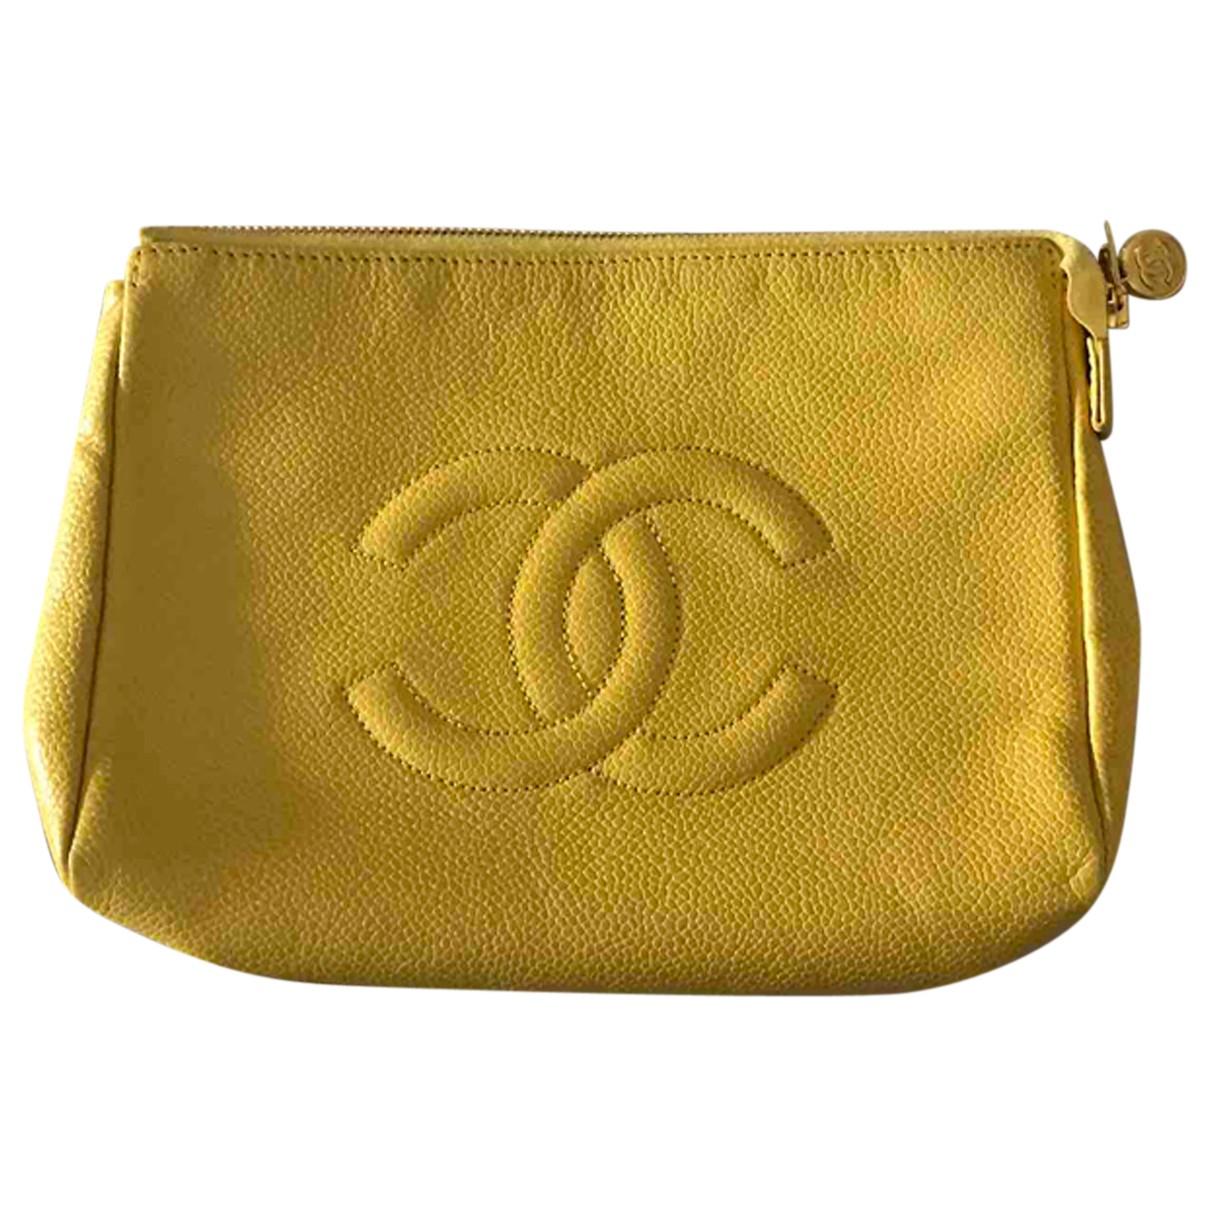 Chanel \N Clutch in  Gelb Leder